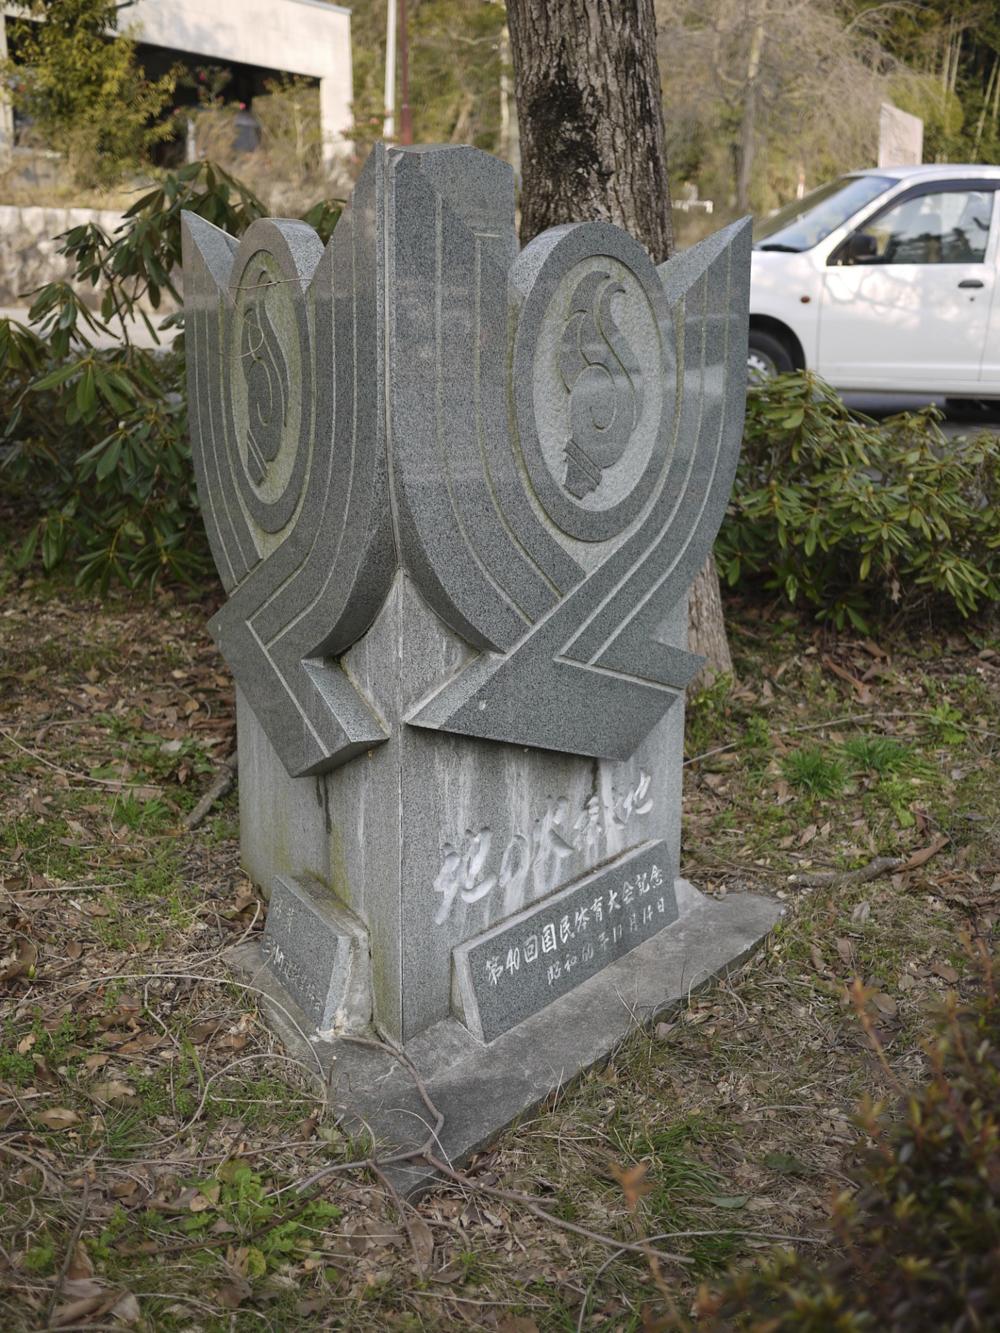 三朝町|鳥取 Art Date Base Project -鳥取県内の公共空間に置かれて ...